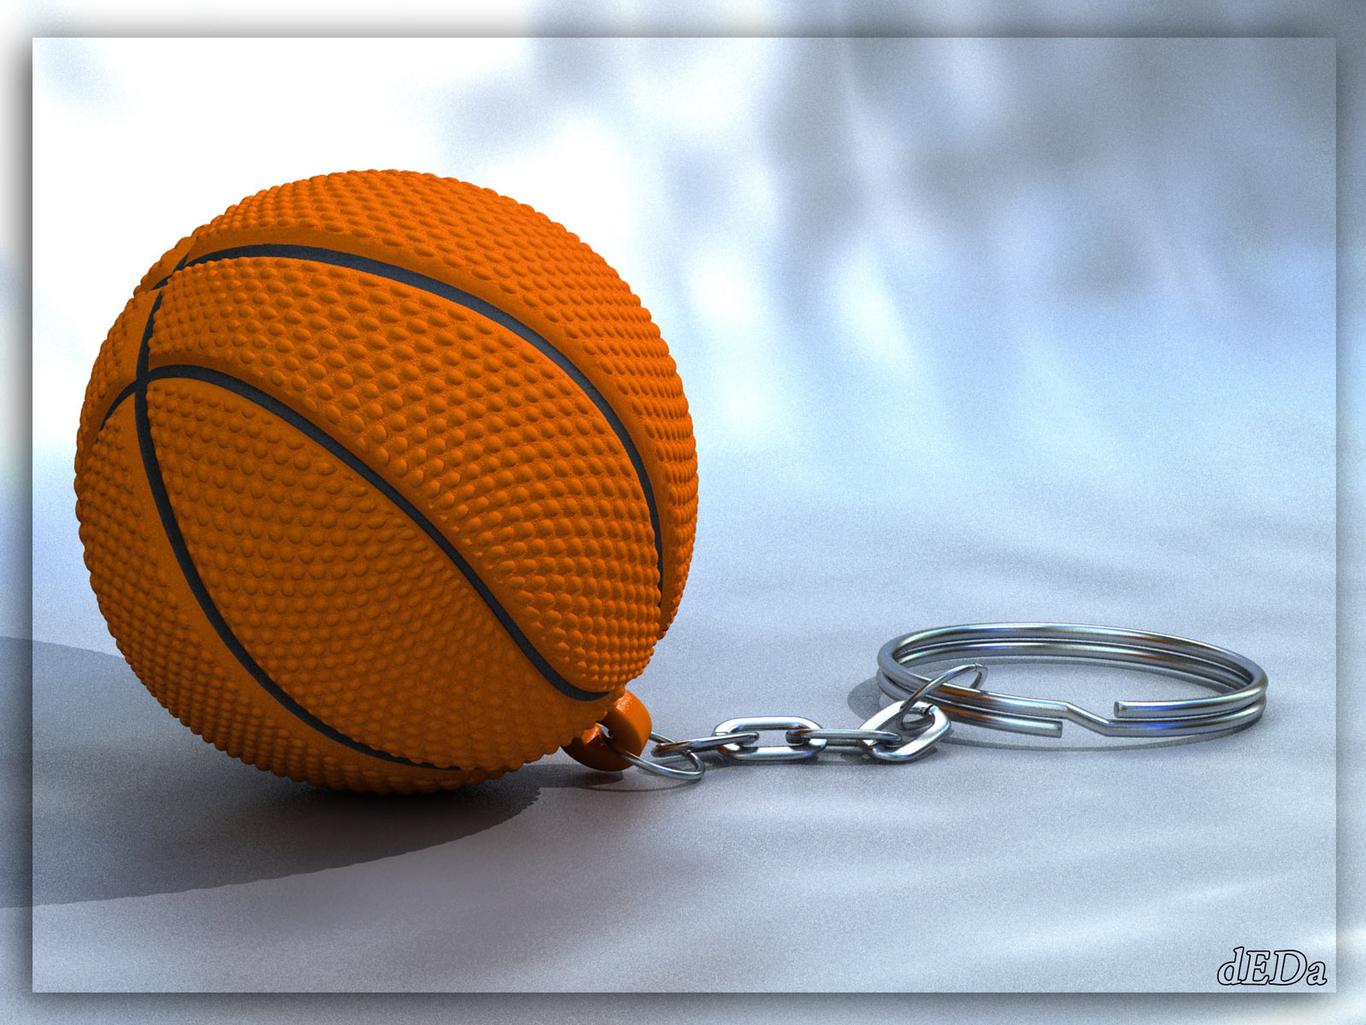 Deda basket ball keychain 1 c303faa1 p2zq